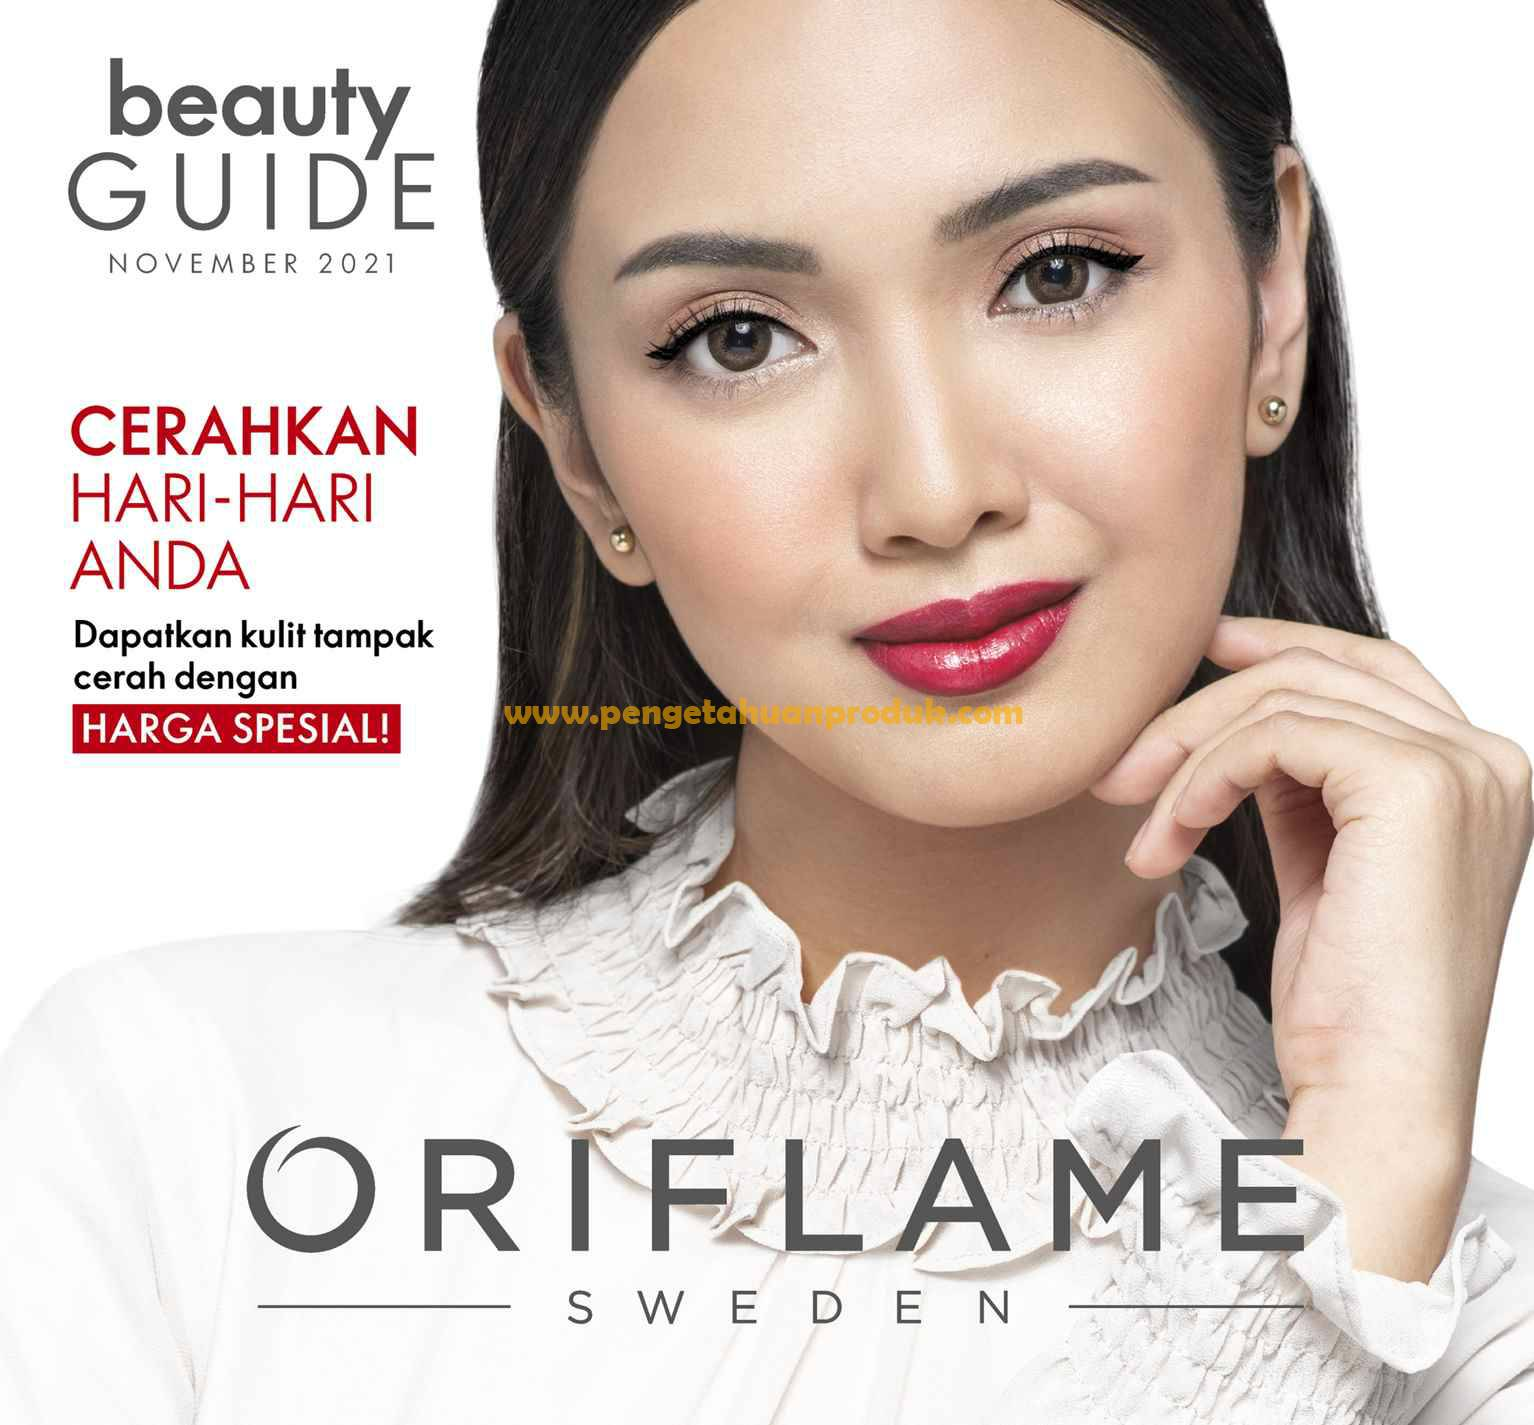 Katalog Promo Oriflame November 2021